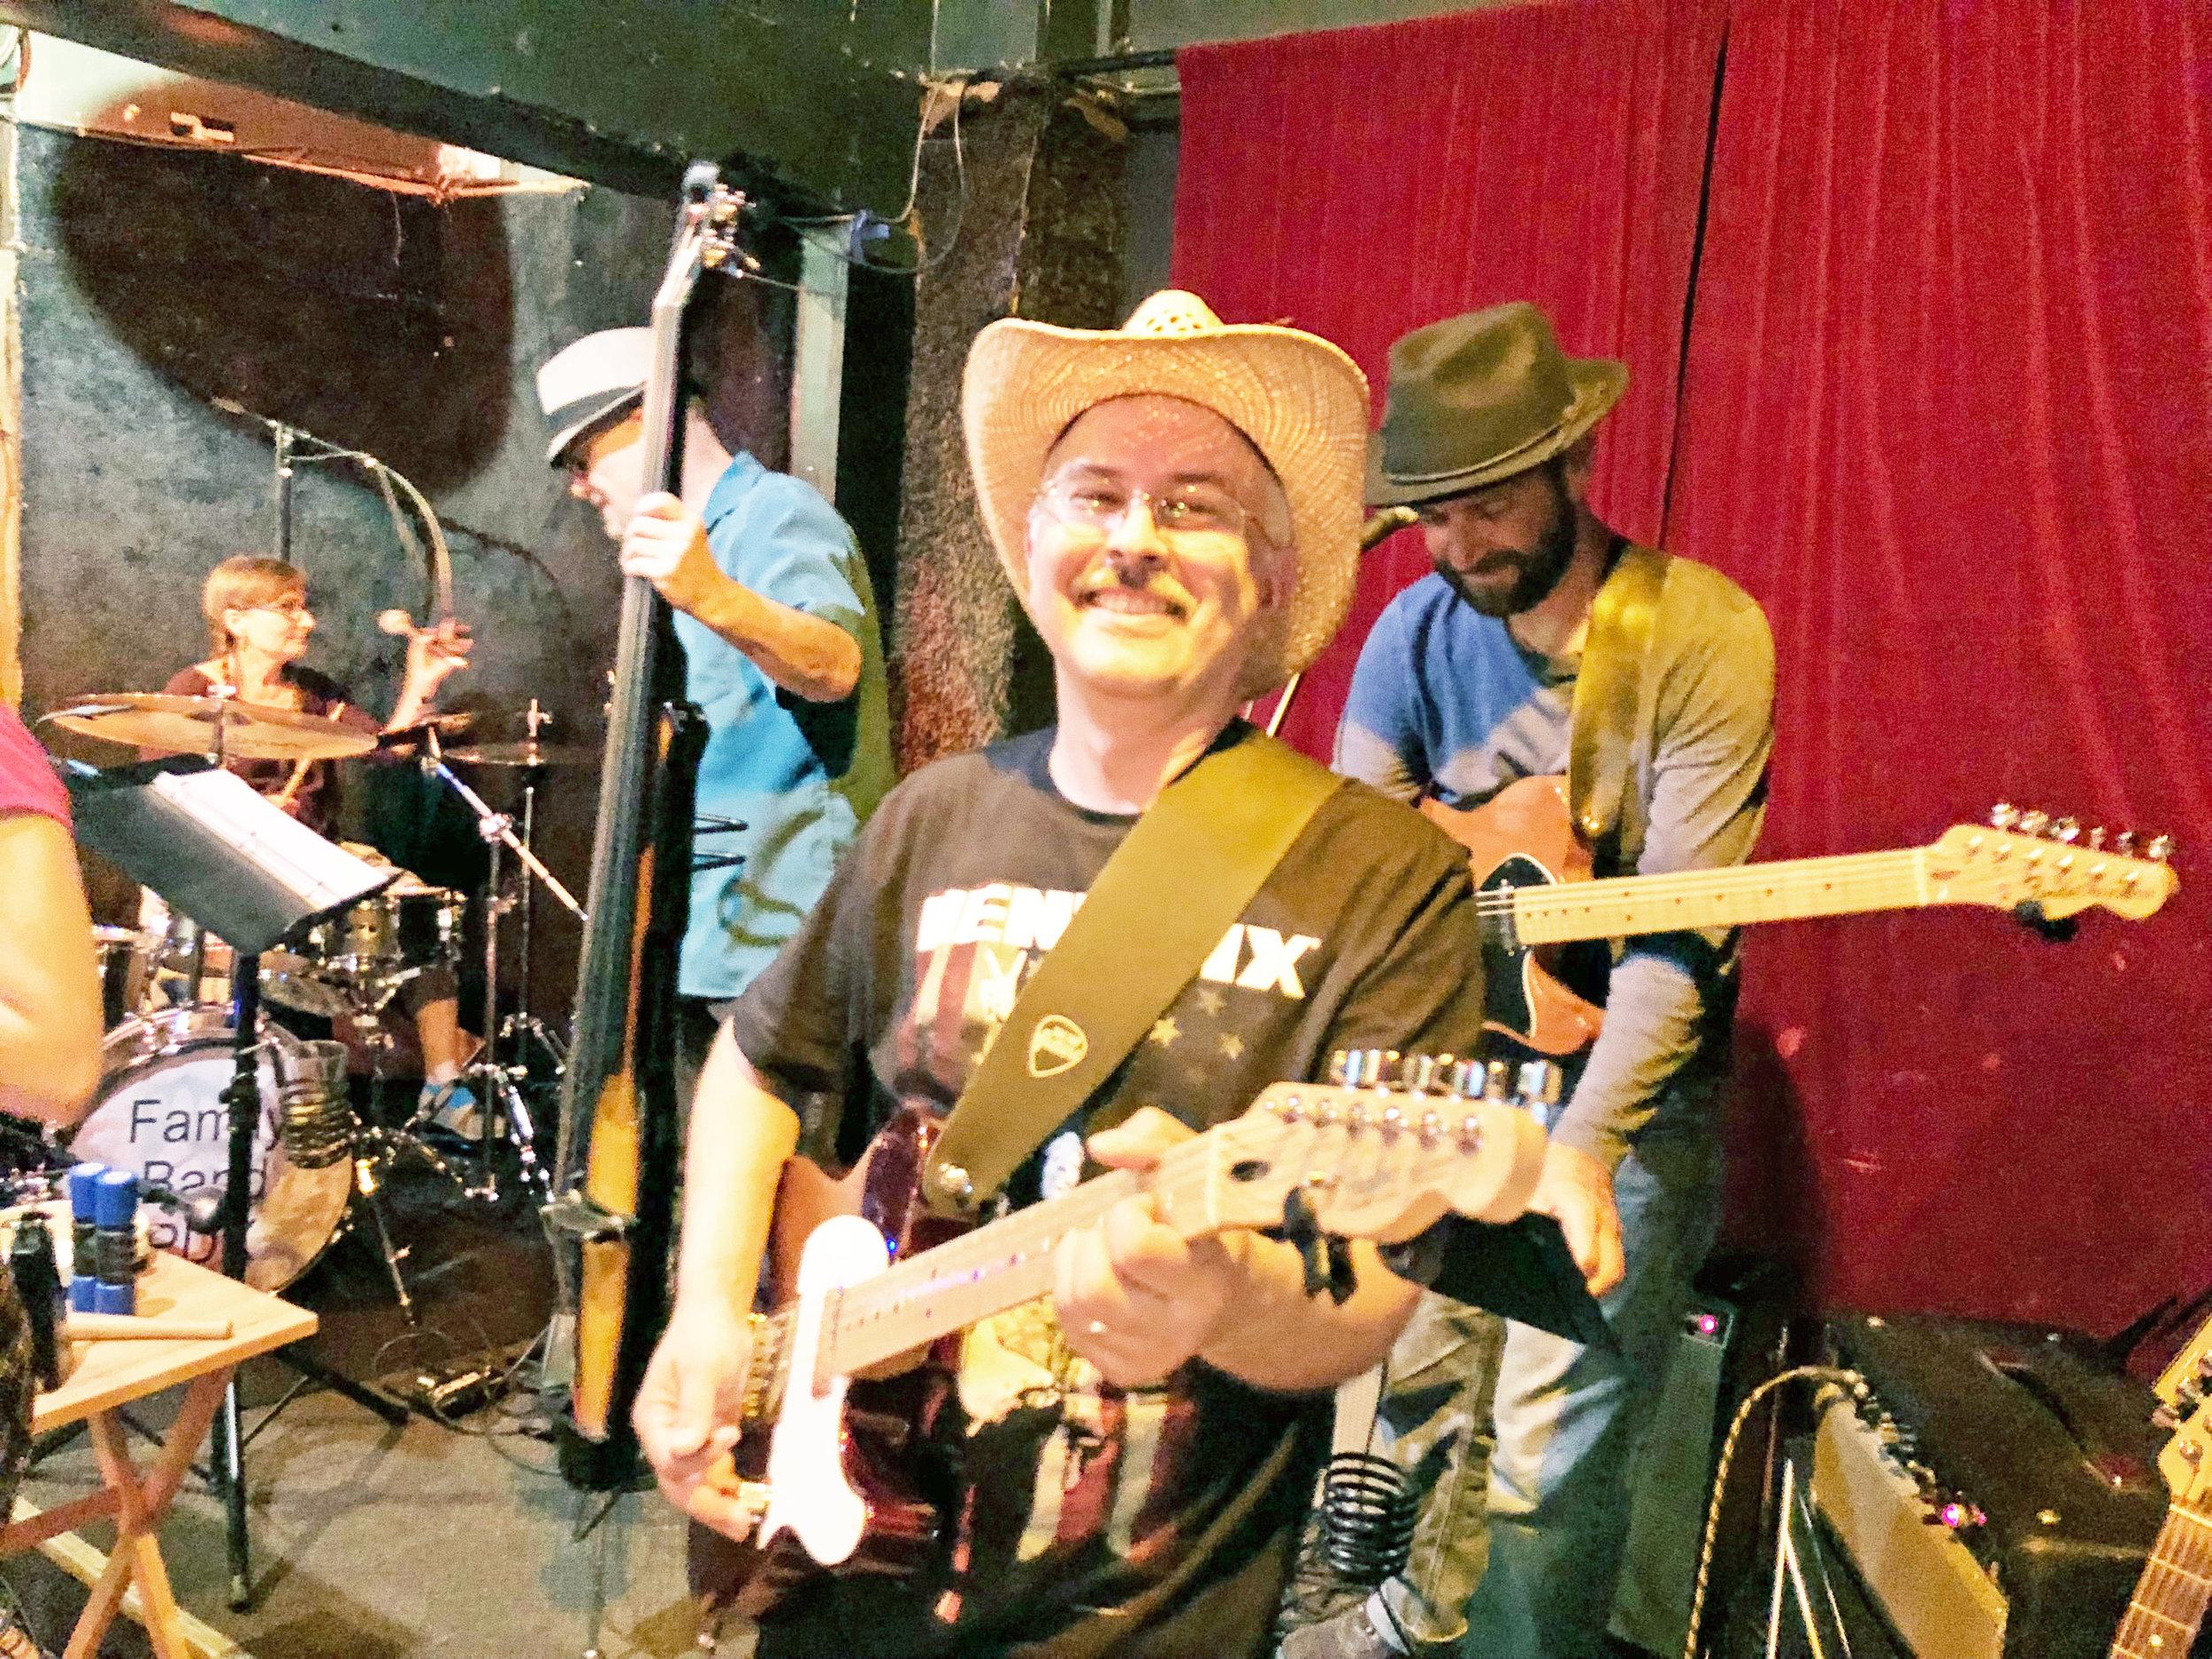 Dan Falck and the Family Band - Nathaniel Barber Blog